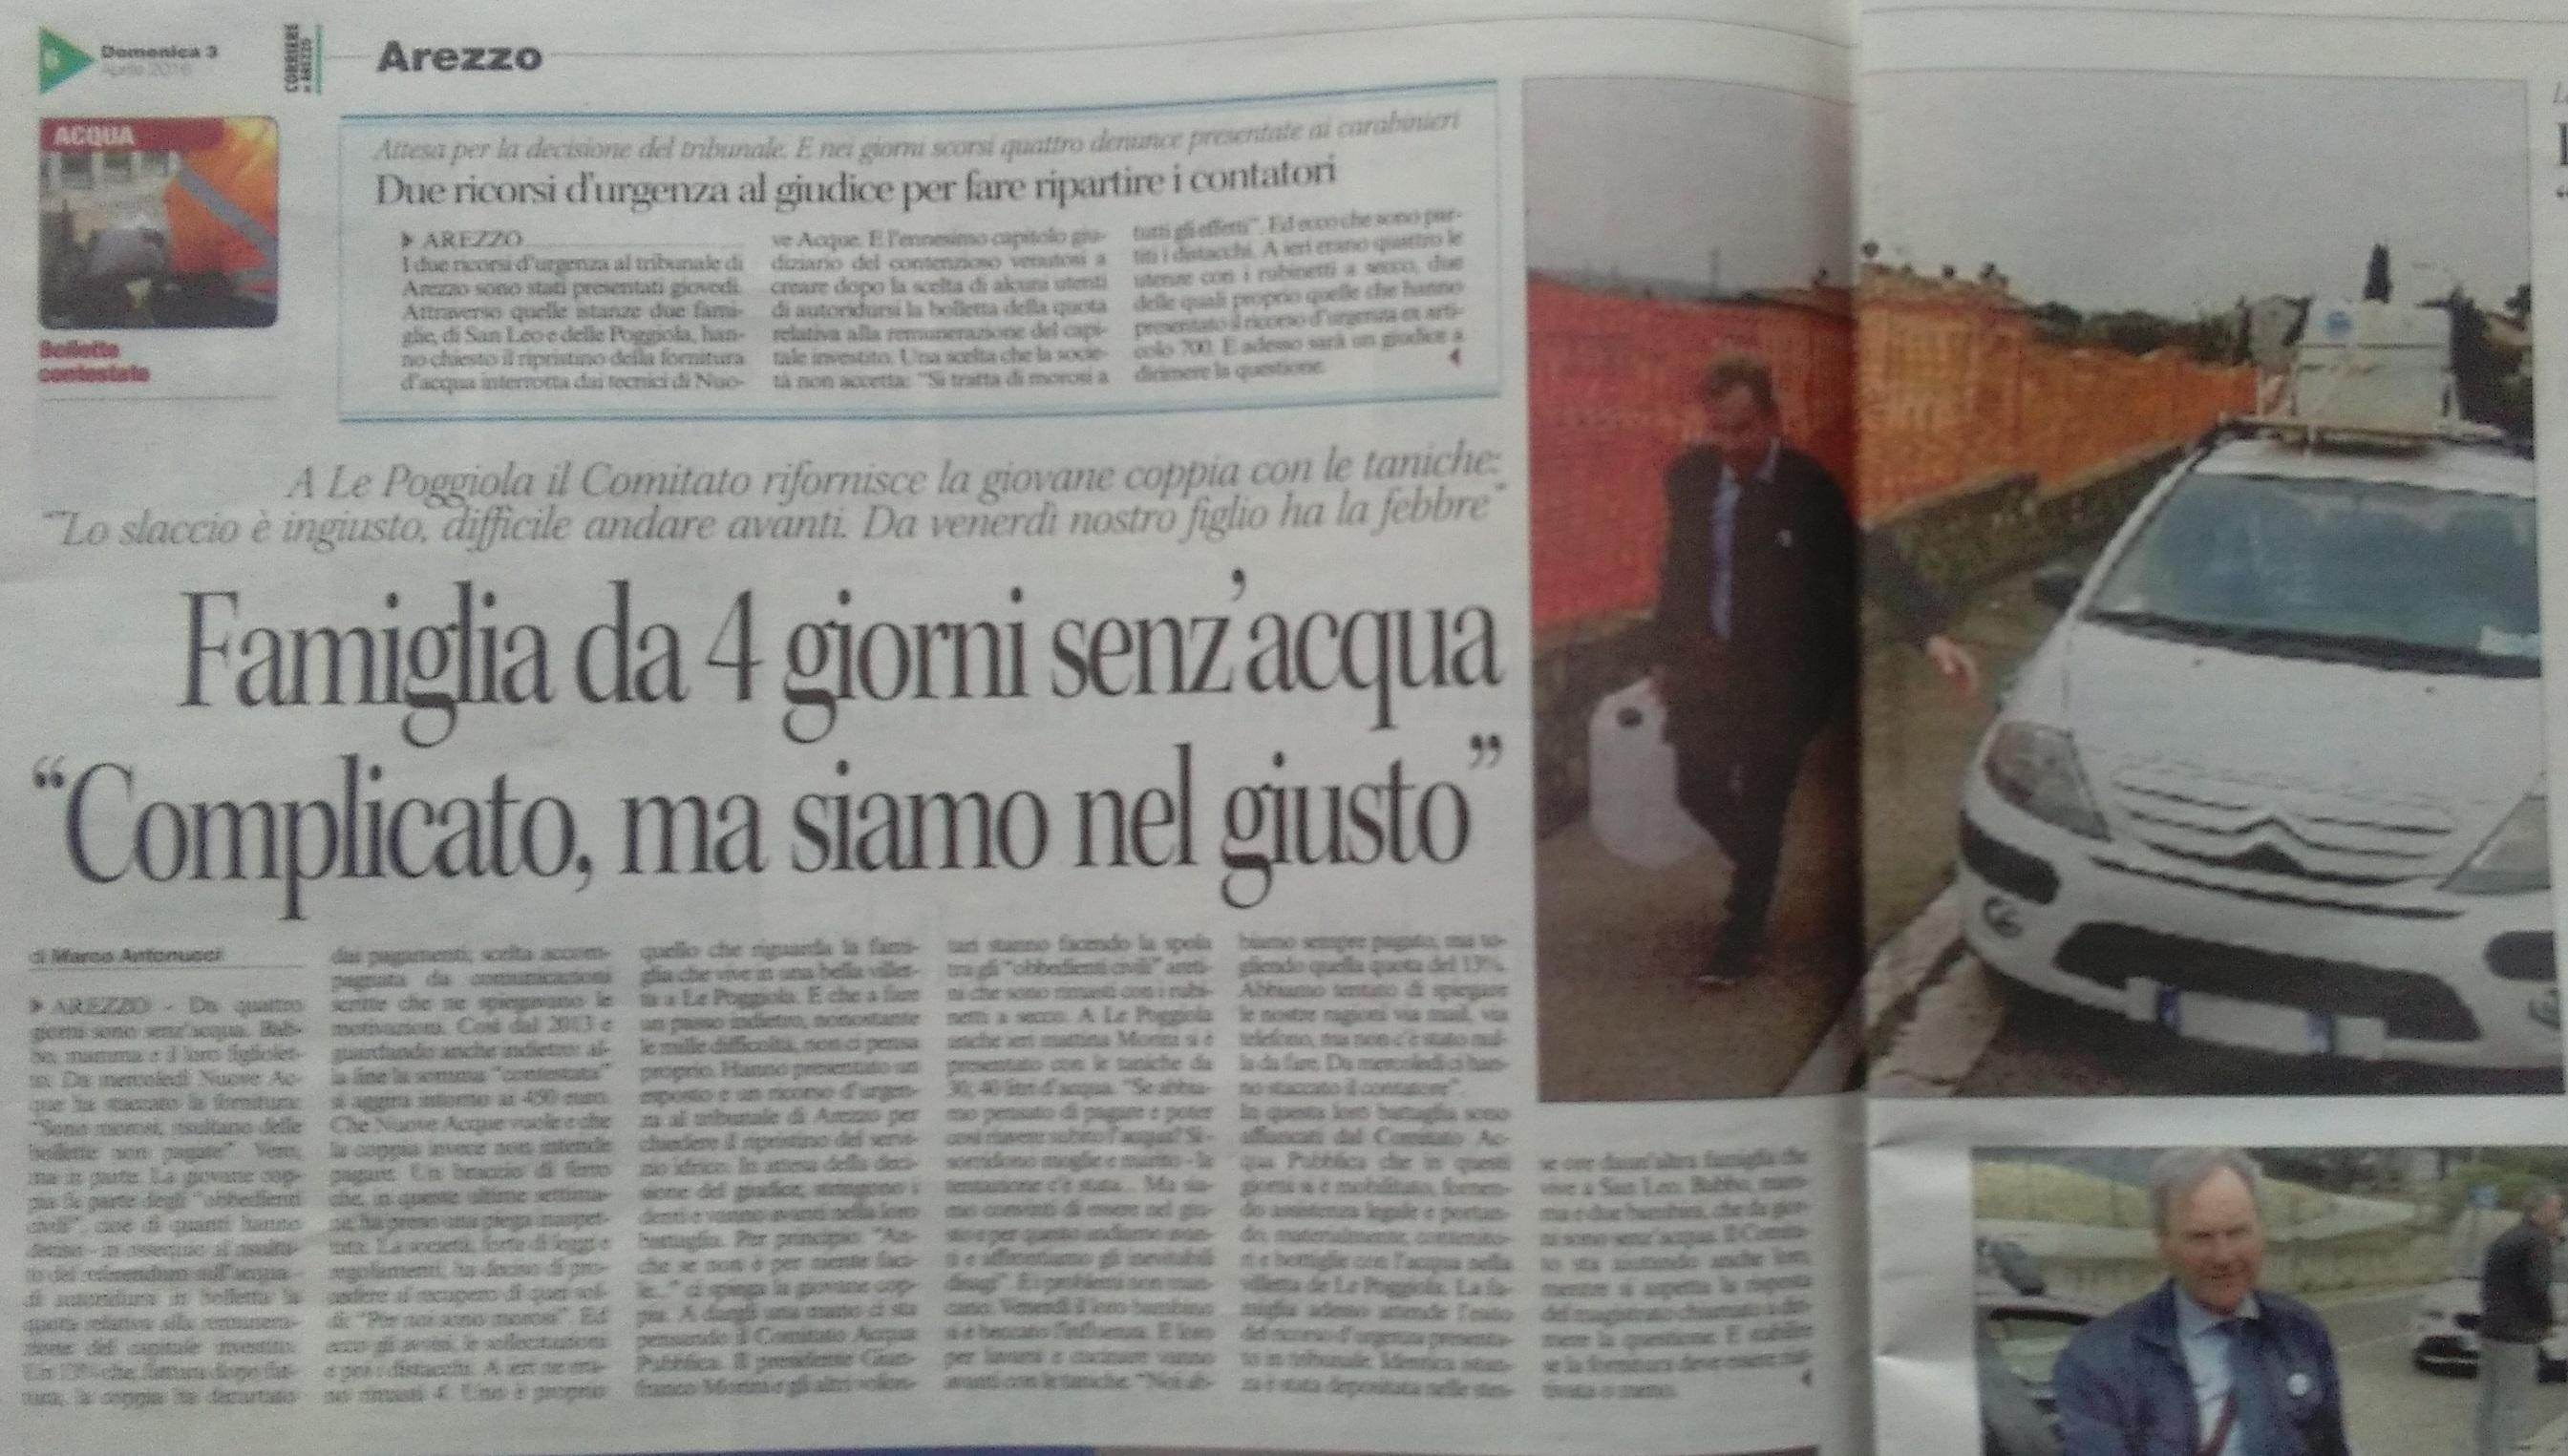 Solidarietà Arezzo 04-2016